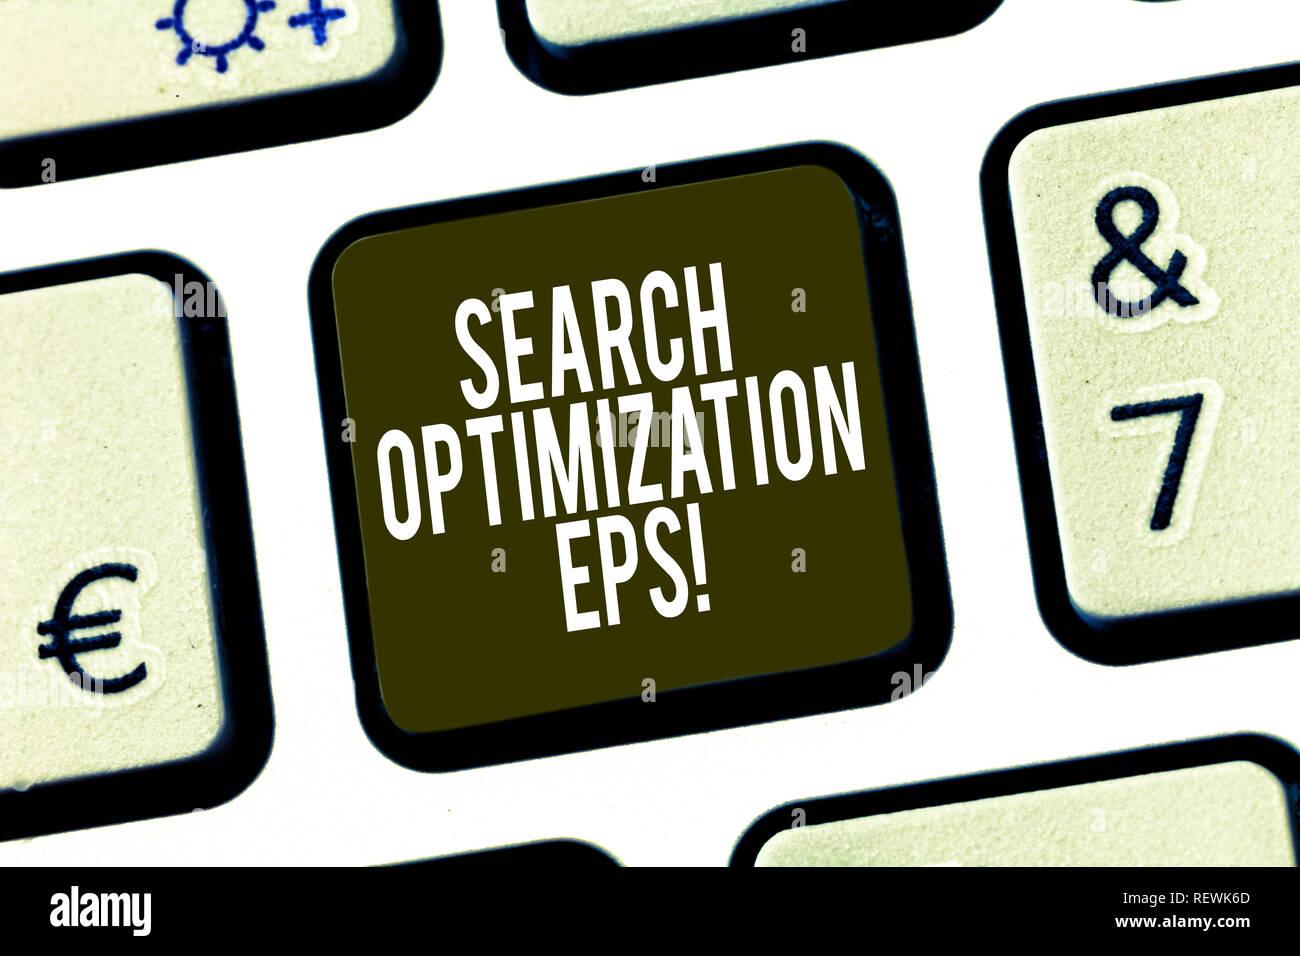 Conceptual la scrittura a mano che mostra l'ottimizzazione di ricerca EPS. Business photo presentazione di processo che influenzano la visibilità di un sito web di un tasto della tastiera la intentio Immagini Stock